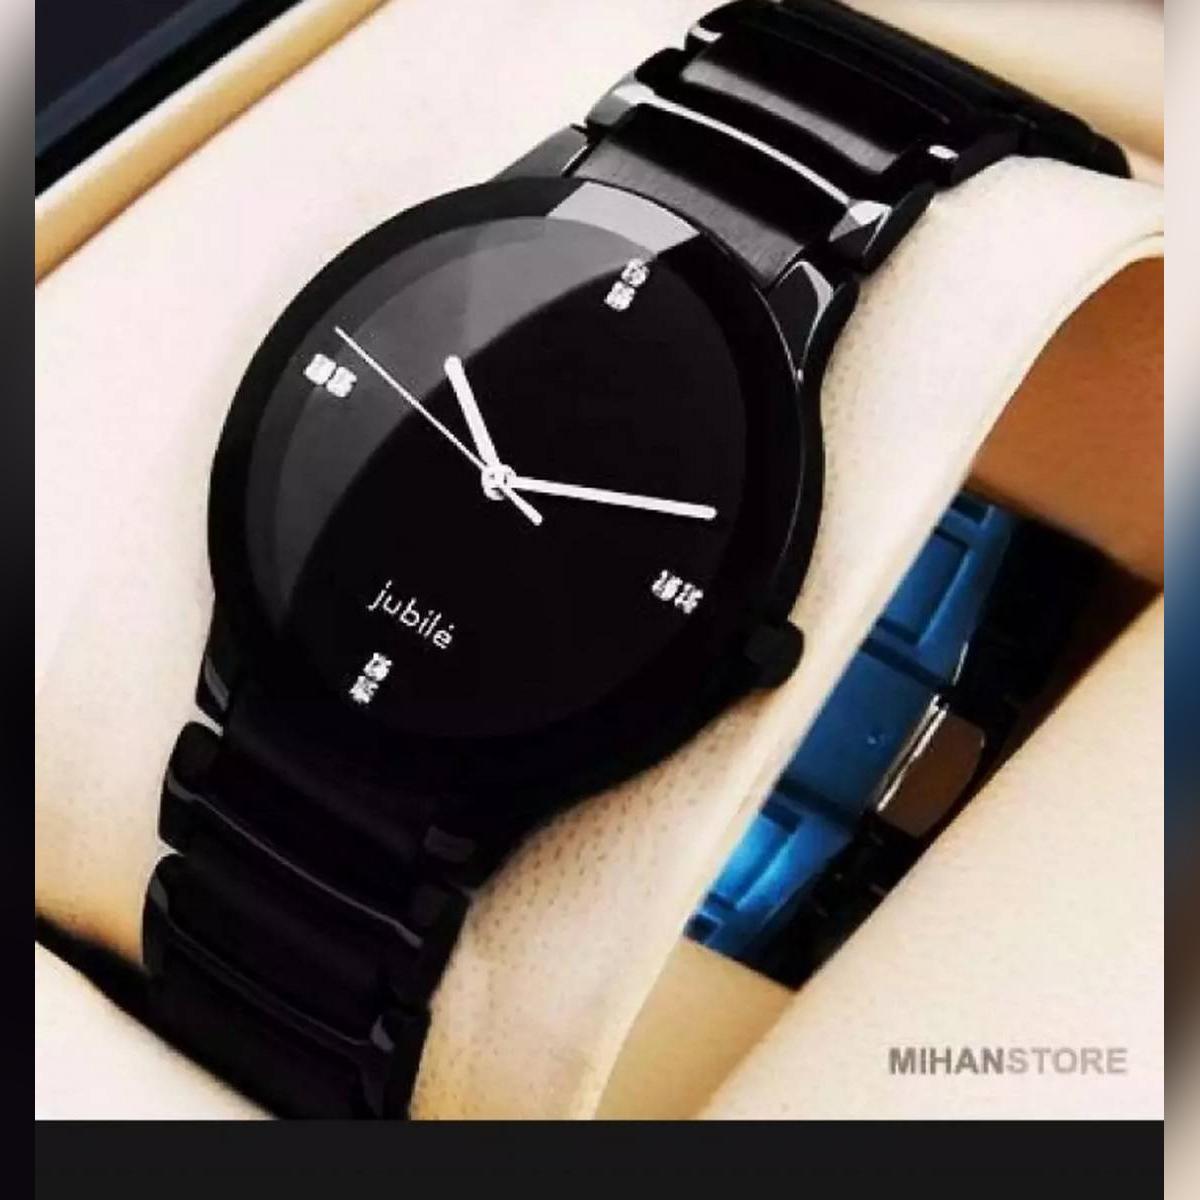 Stylish Handsome Black Chain Watch